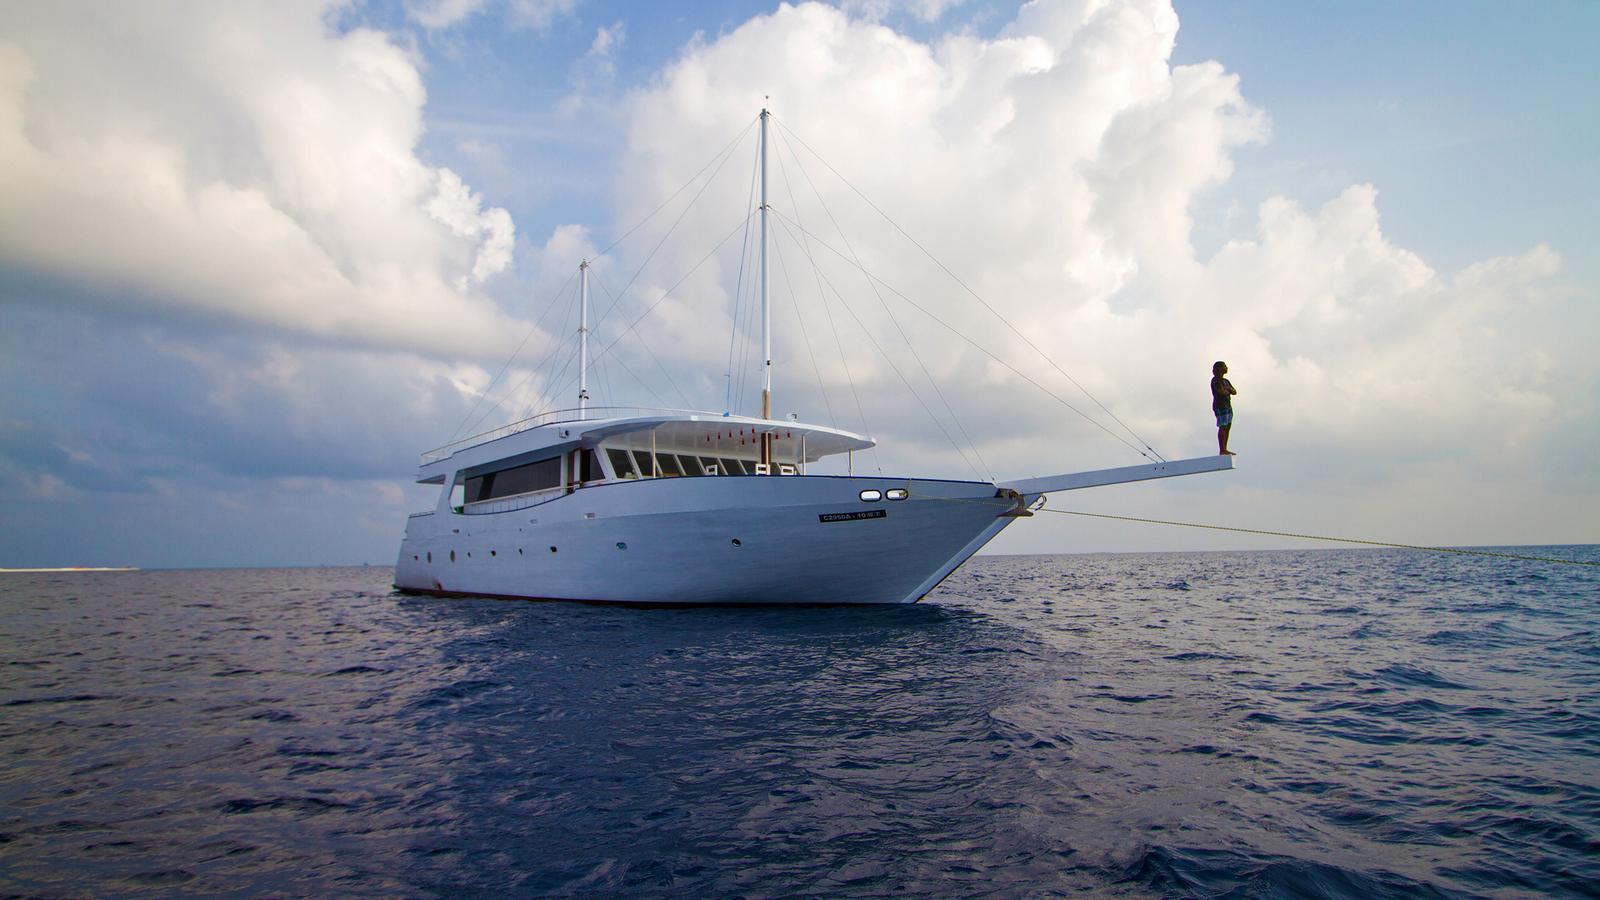 Urlaub auf einem Dhoni die Malediven mit einem Schiff entdecken Gruppenreisen Segeln traveljunkies